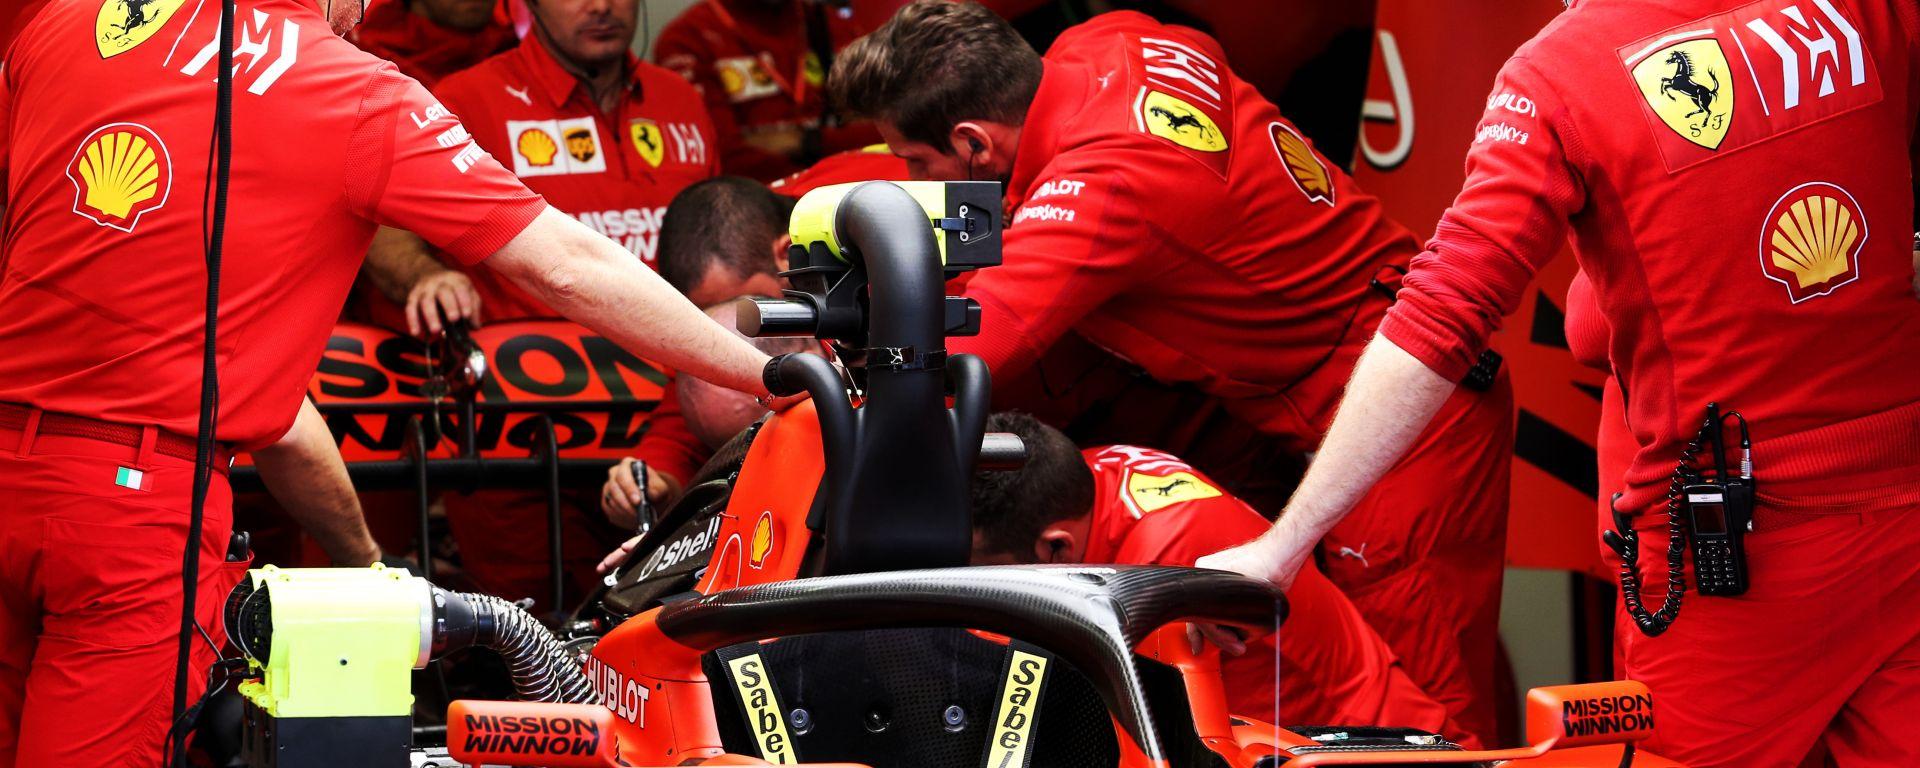 F1, meccanici Ferrari al lavoro sulla power unit